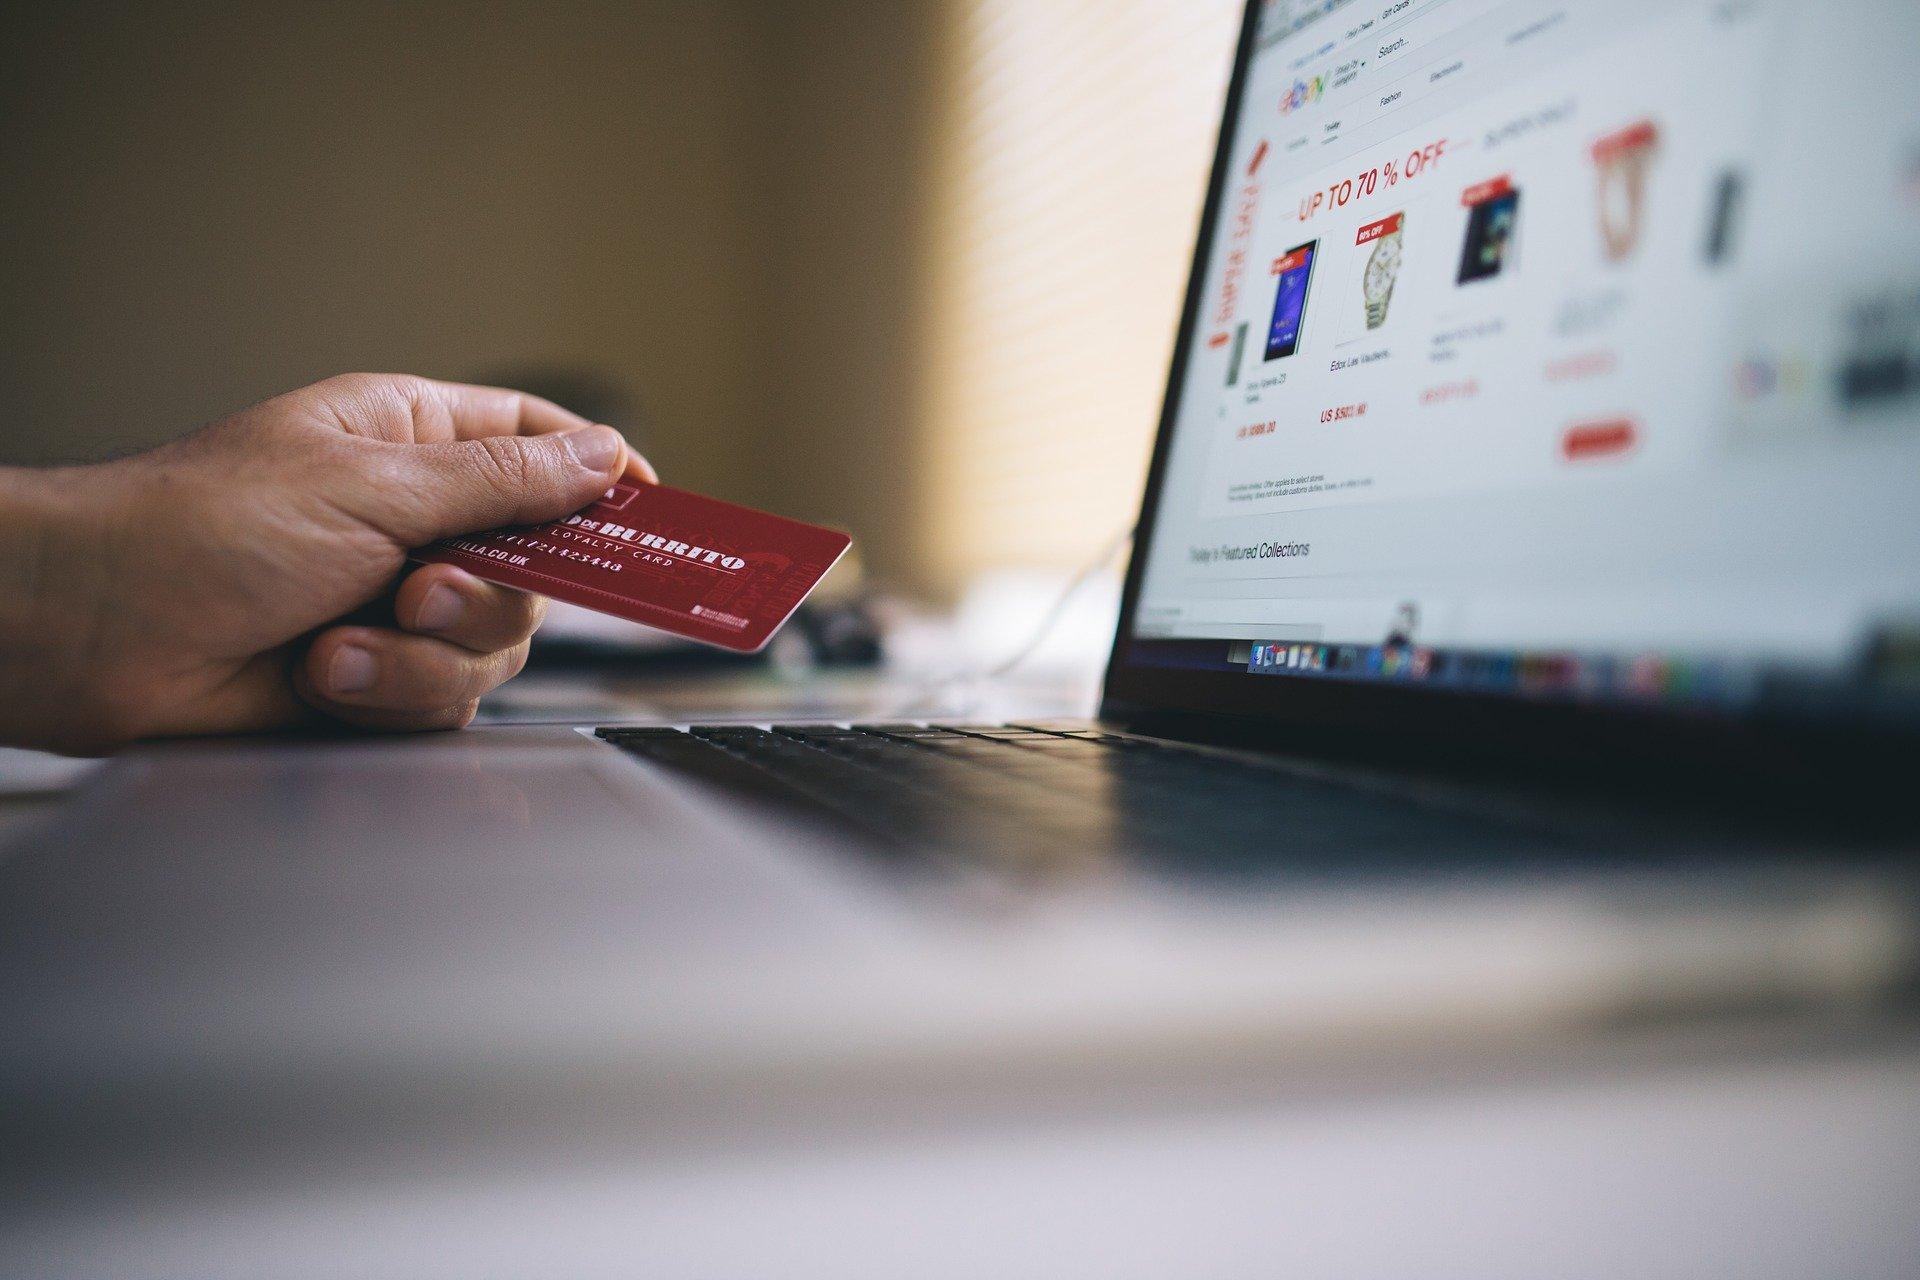 Vemos uma pessoa segurando um cartão de crédito perto de um computador (imagem ilustrativa). Texto: e-commerce.